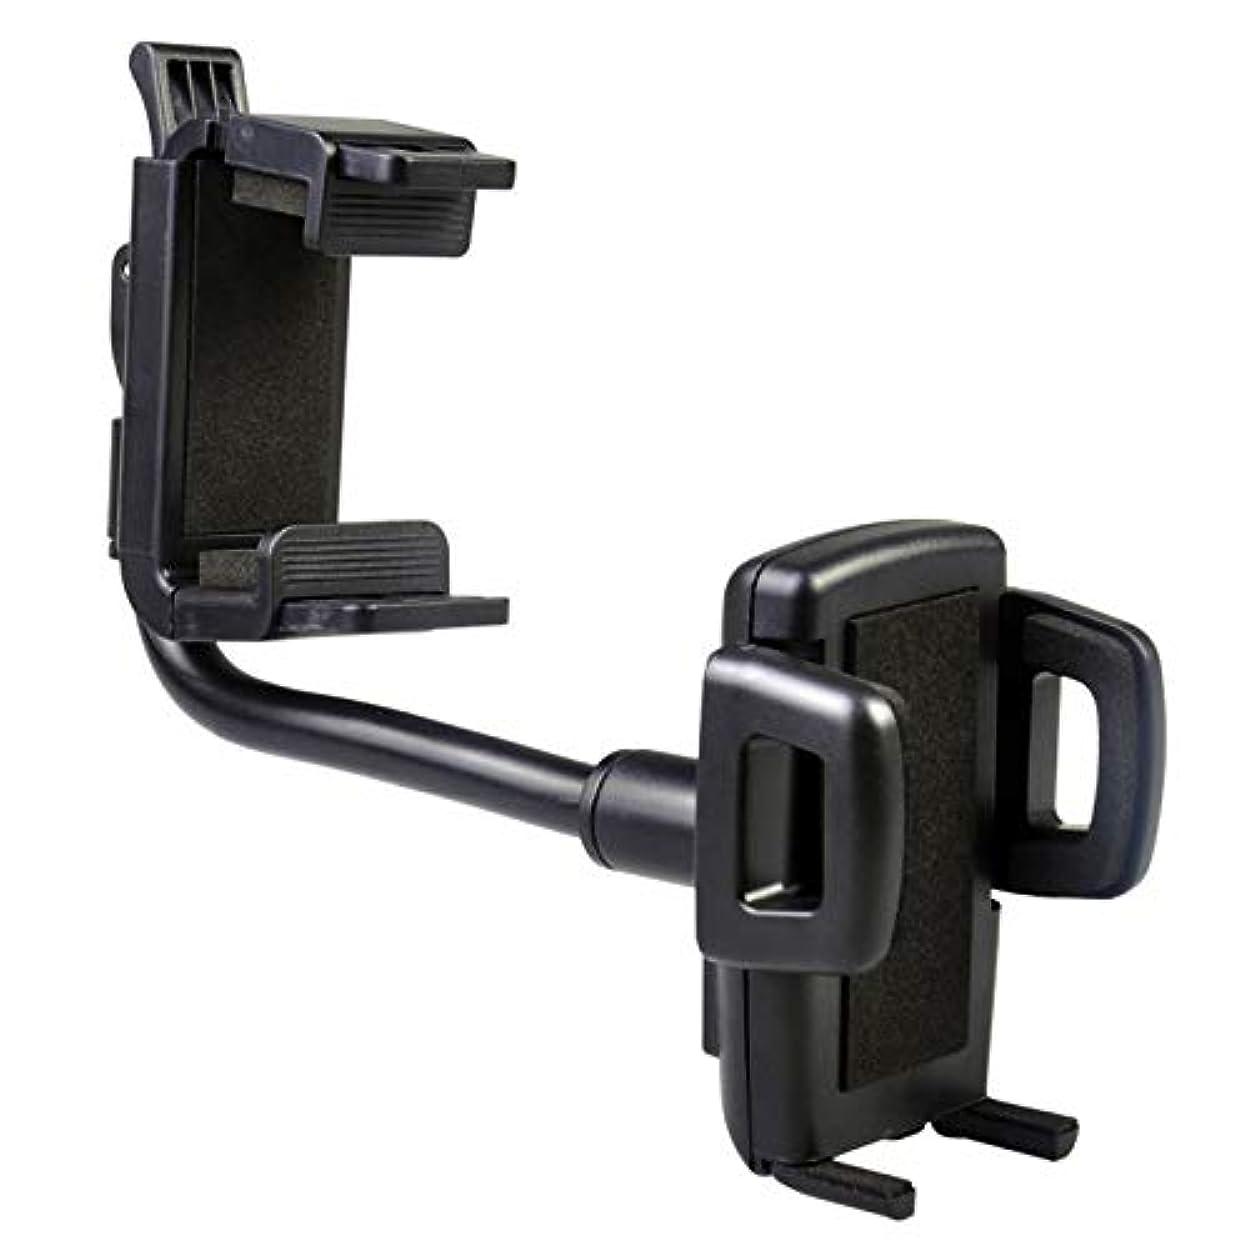 シロクマ予約天のJicorzo - 車の自動車のバックミラーマウント携帯電話ホルダーブラケットは、iPhoneの携帯電話のGPSのためにサムスンのためにスタンド360度のホルダー